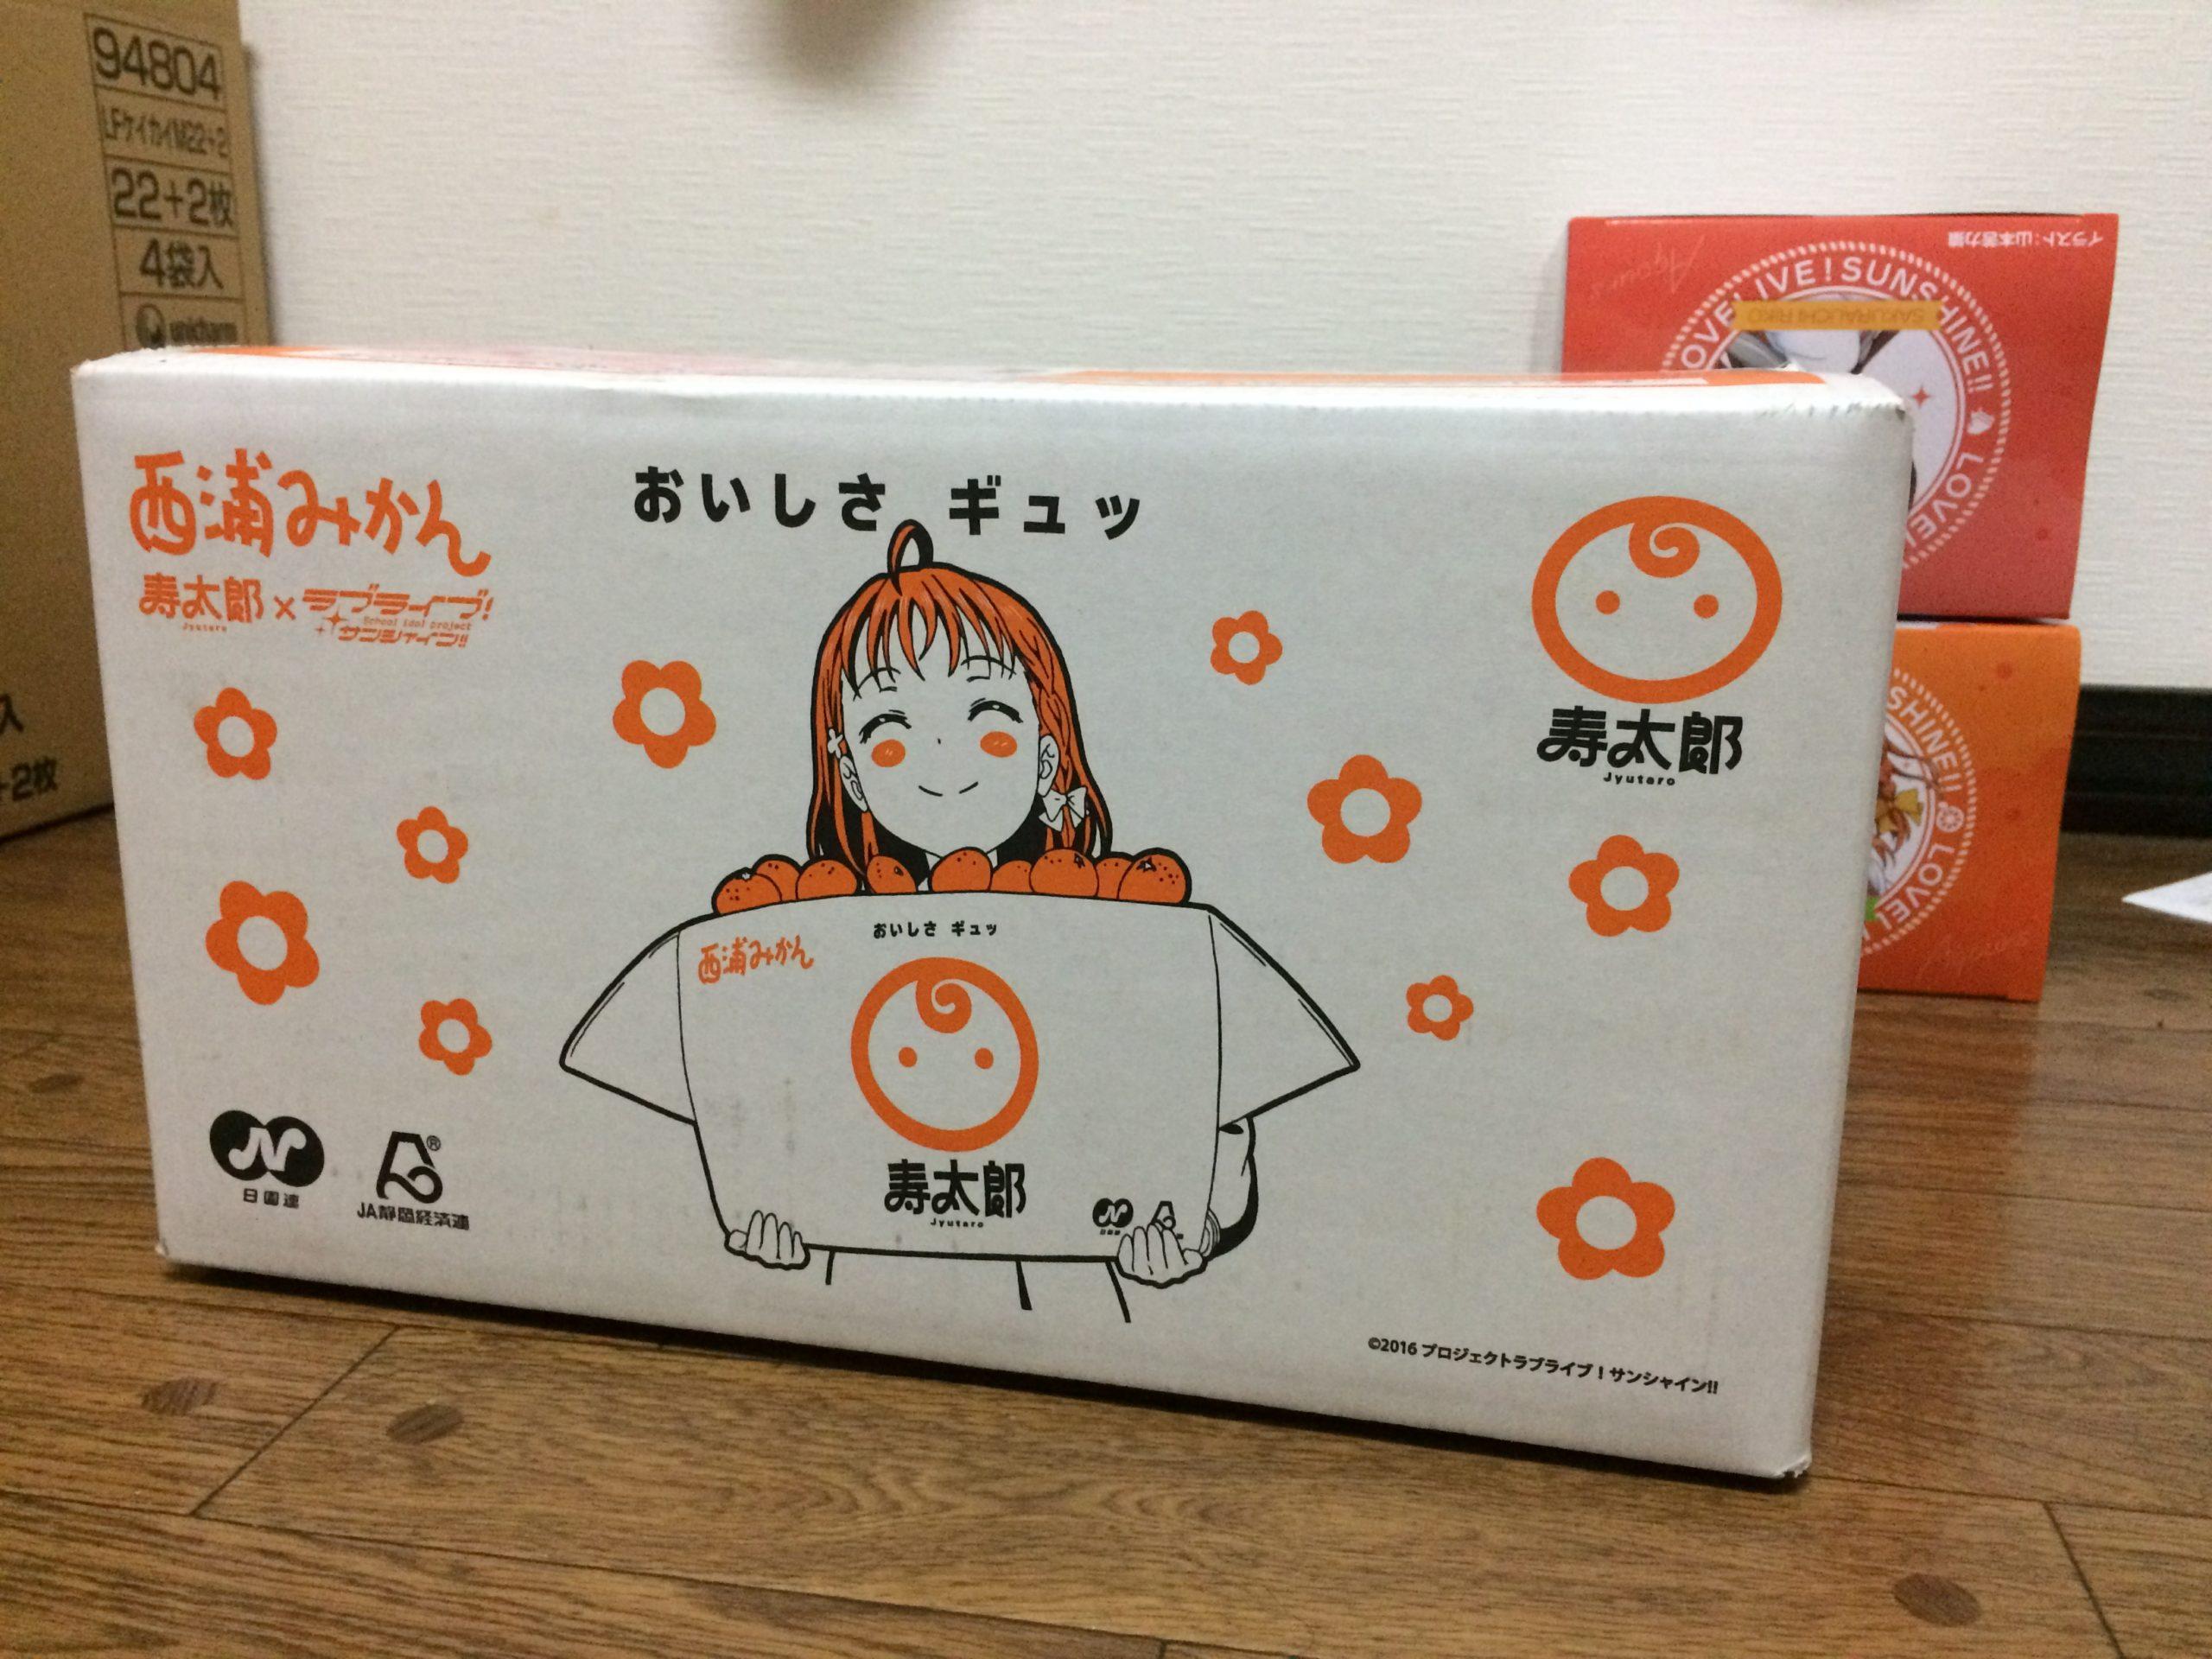 """【『ラブライブ!サンシャイン!!』Aqours Next Step! Project特別企画】Message from Numazu 第6章 ―""""美味しさギュッ♪""""の秘密に迫る。"""